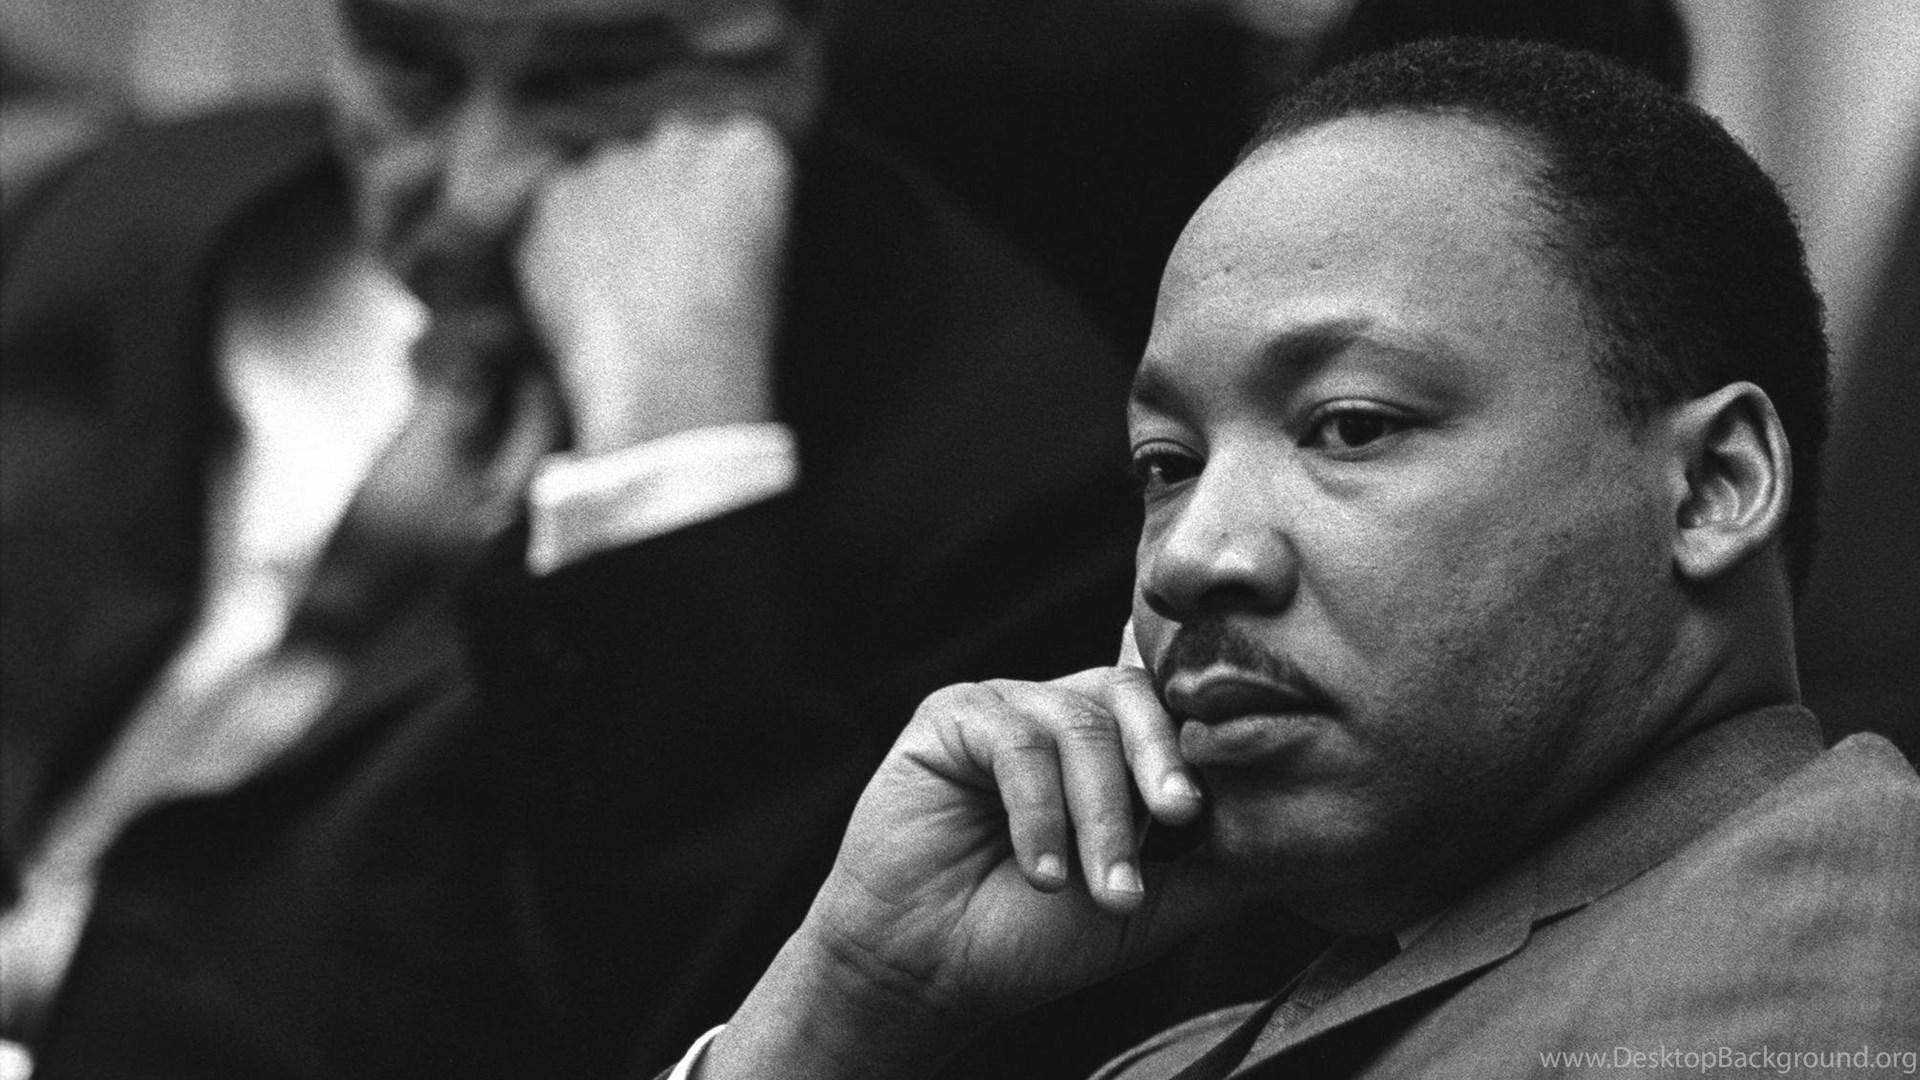 Martin Luther King Jr Wallpaper Wia009 Wallpaperinside Desktop